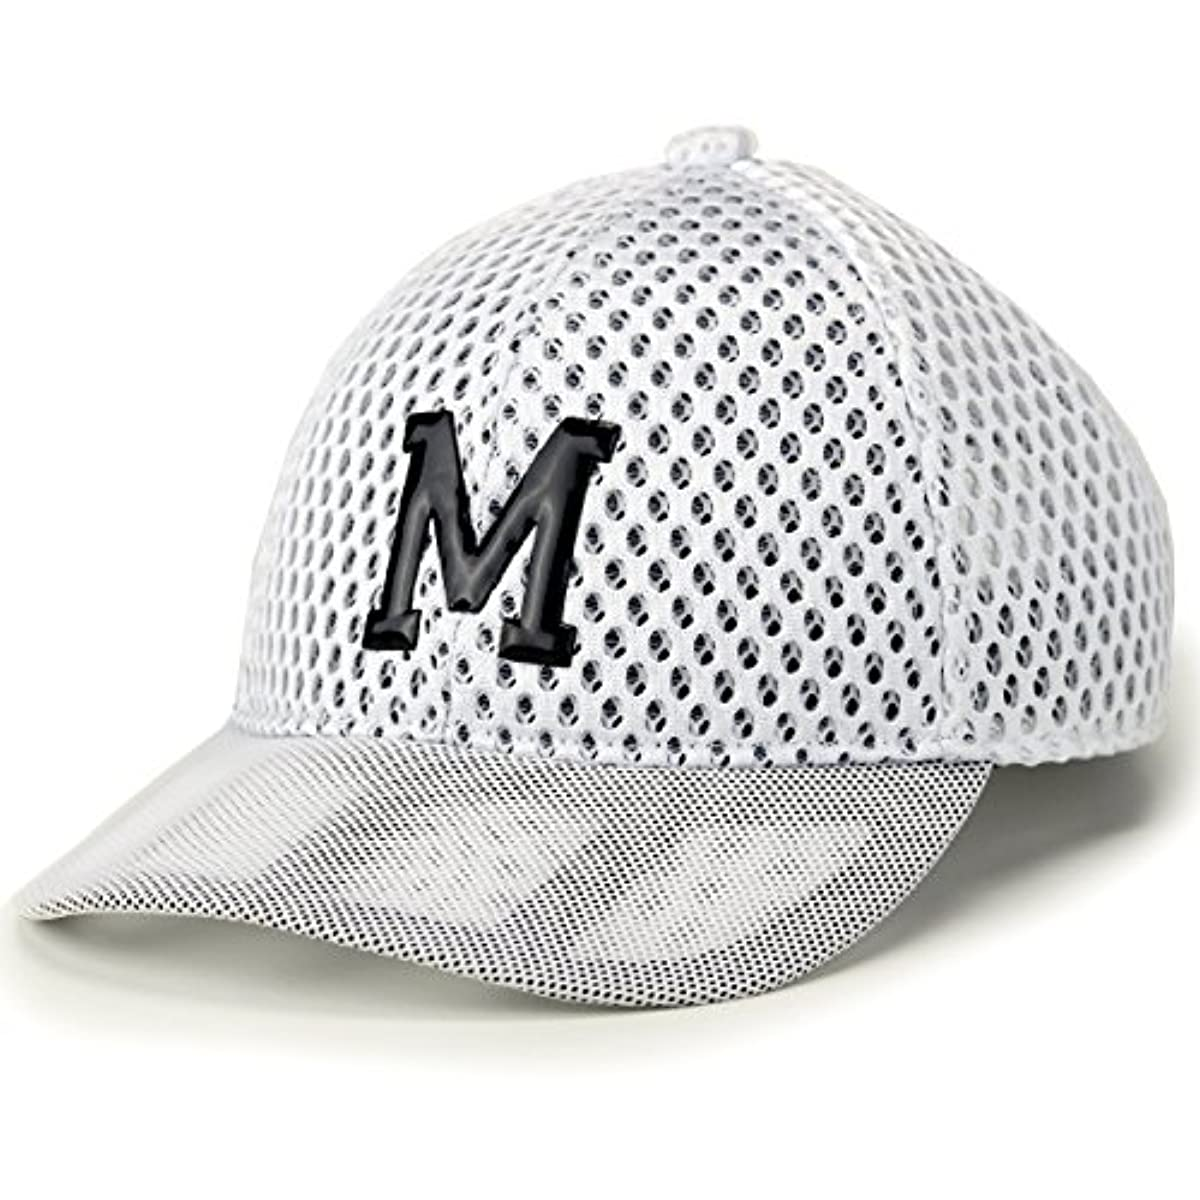 [해외] ((MUNSING)먼싱 웨어) MUNSINGWEAR 캡 CAP 메쉬 올 메쉬 봄과 여름